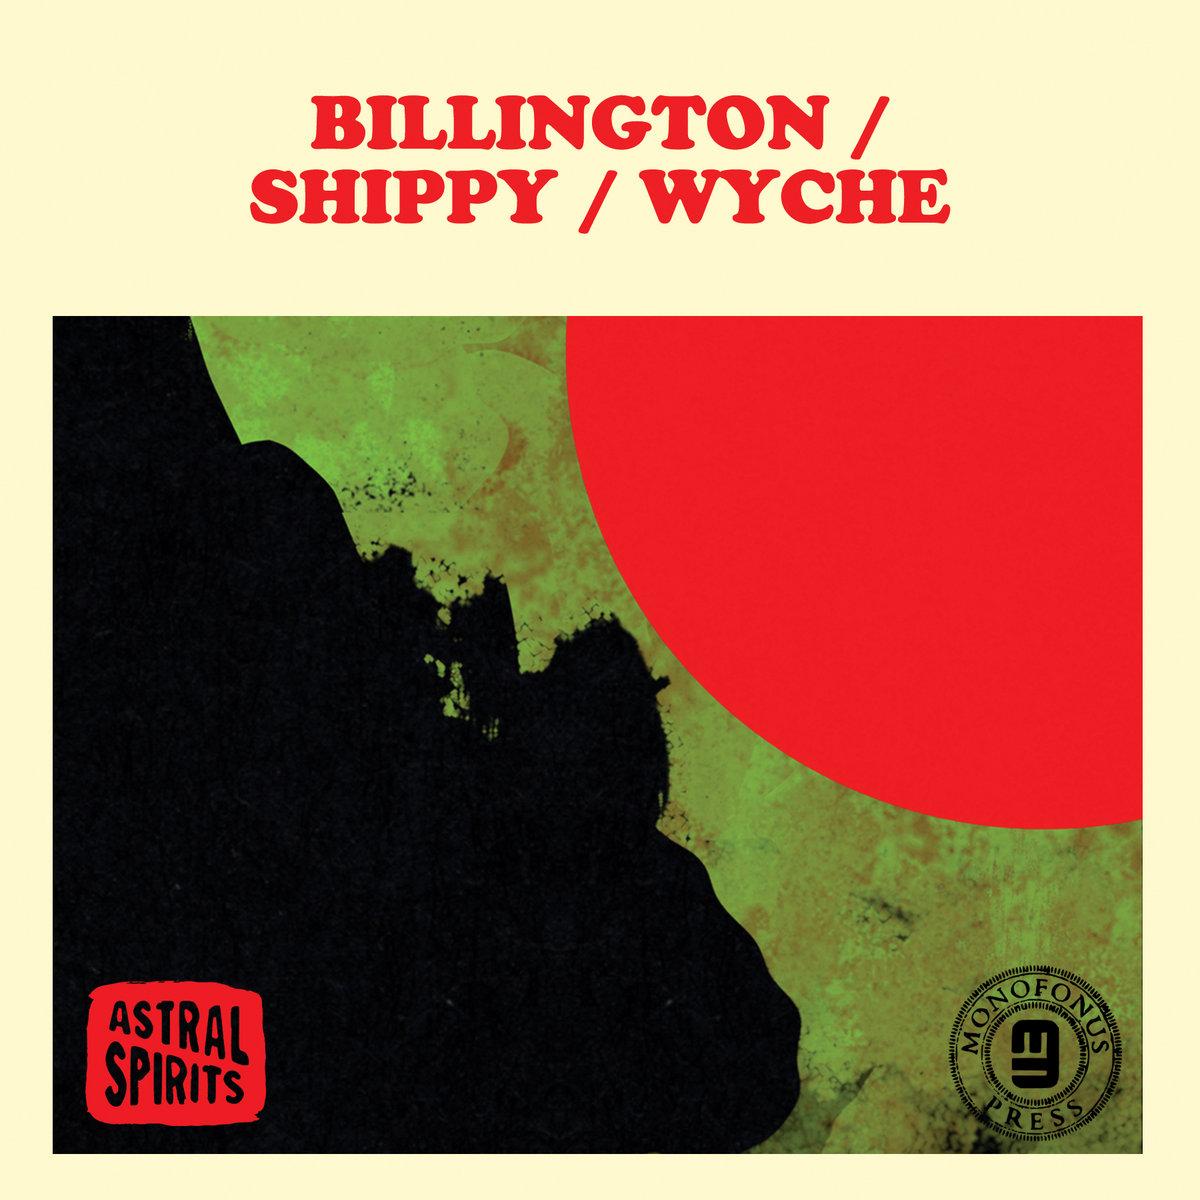 Review: Billington/Shippy/Wyche